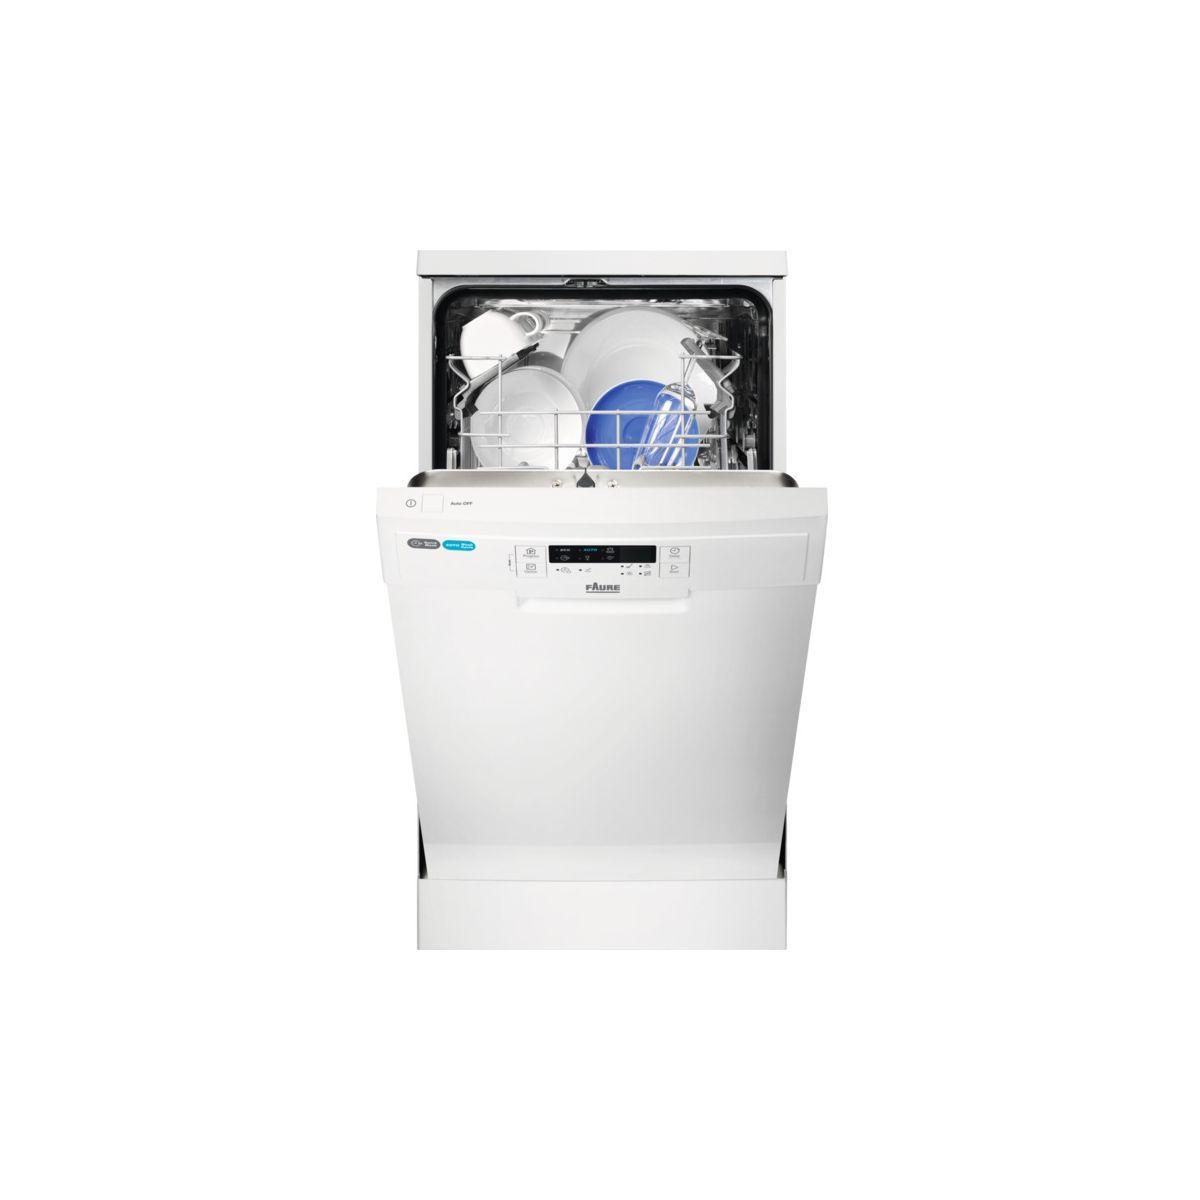 Lave vaisselle 45 cm faure fds15012wa - 5% de remise imm�diate avec le code : gam5 (photo)